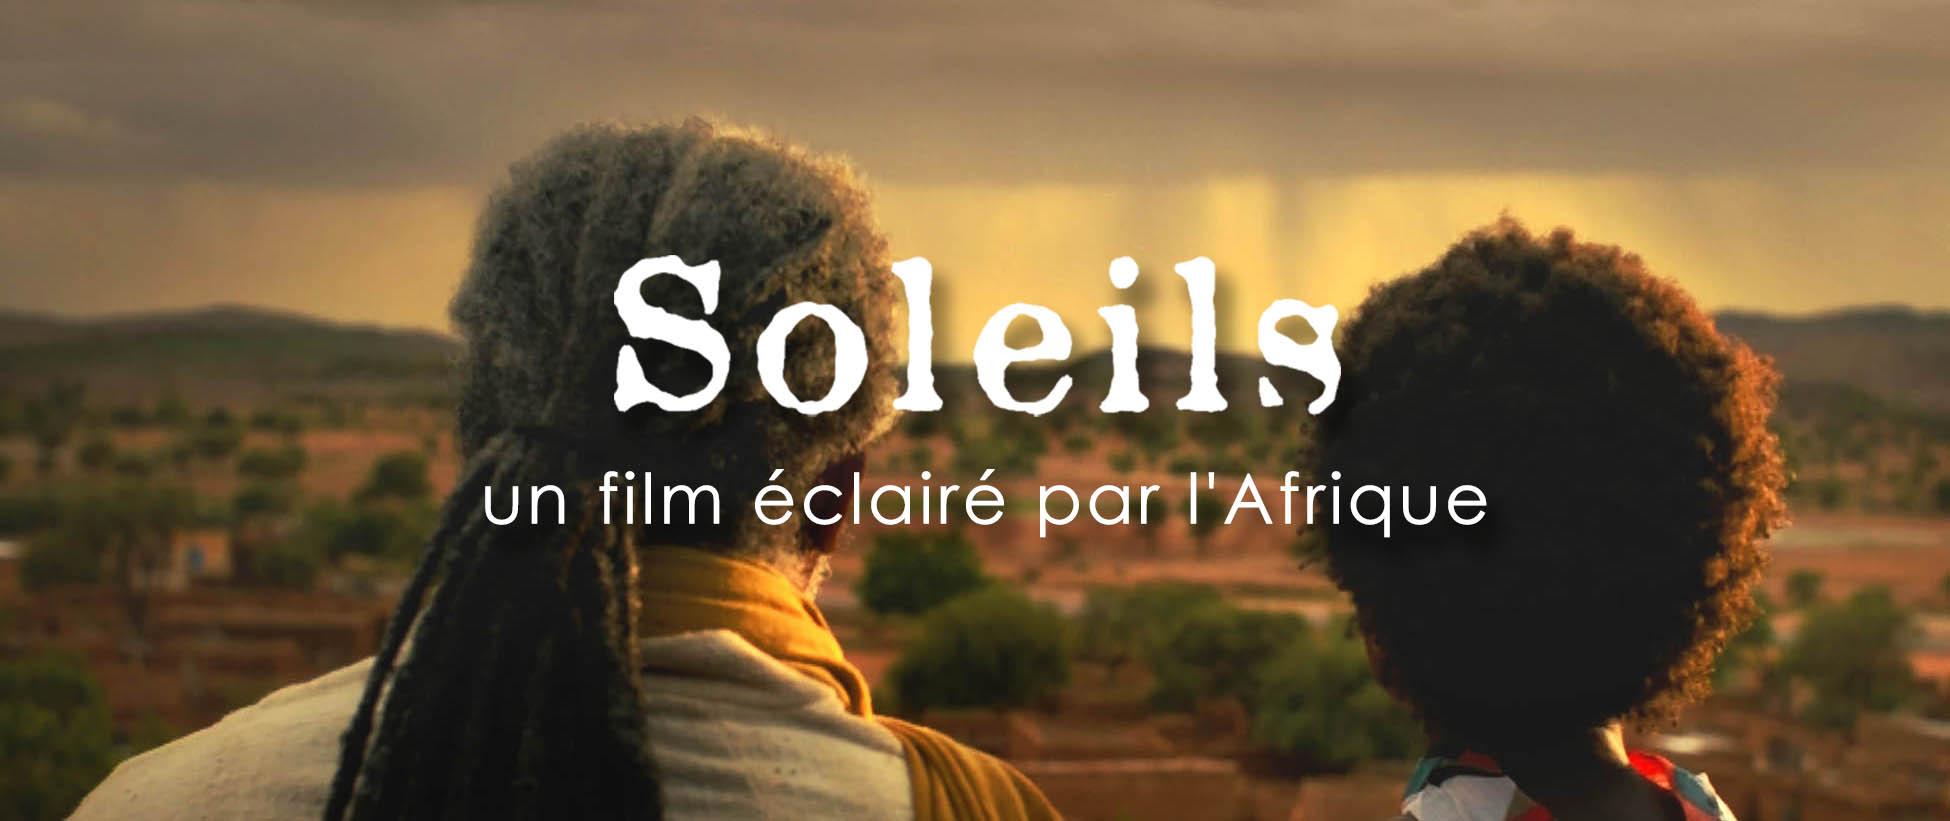 Le film SOLEILS sort en salles le 10 mai 2017 – ET SI L'AFRIQUE AVAIT QUELQUE CHOSE A NOUS DIRE !?